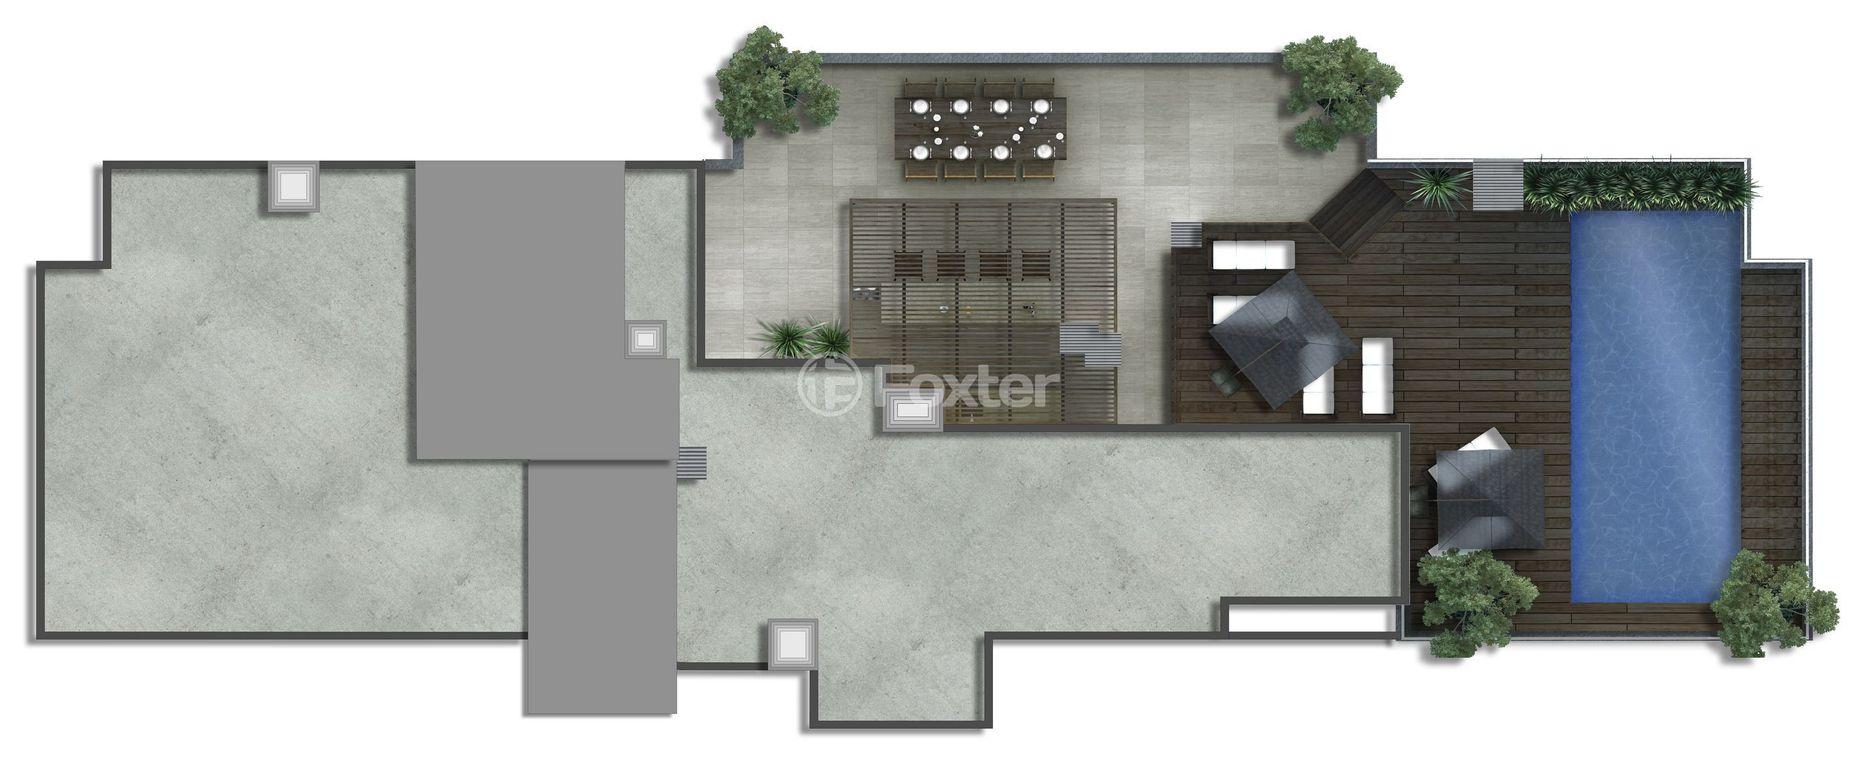 Foxter Imobiliária - Apto 2 Dorm, Azenha (136434) - Foto 12